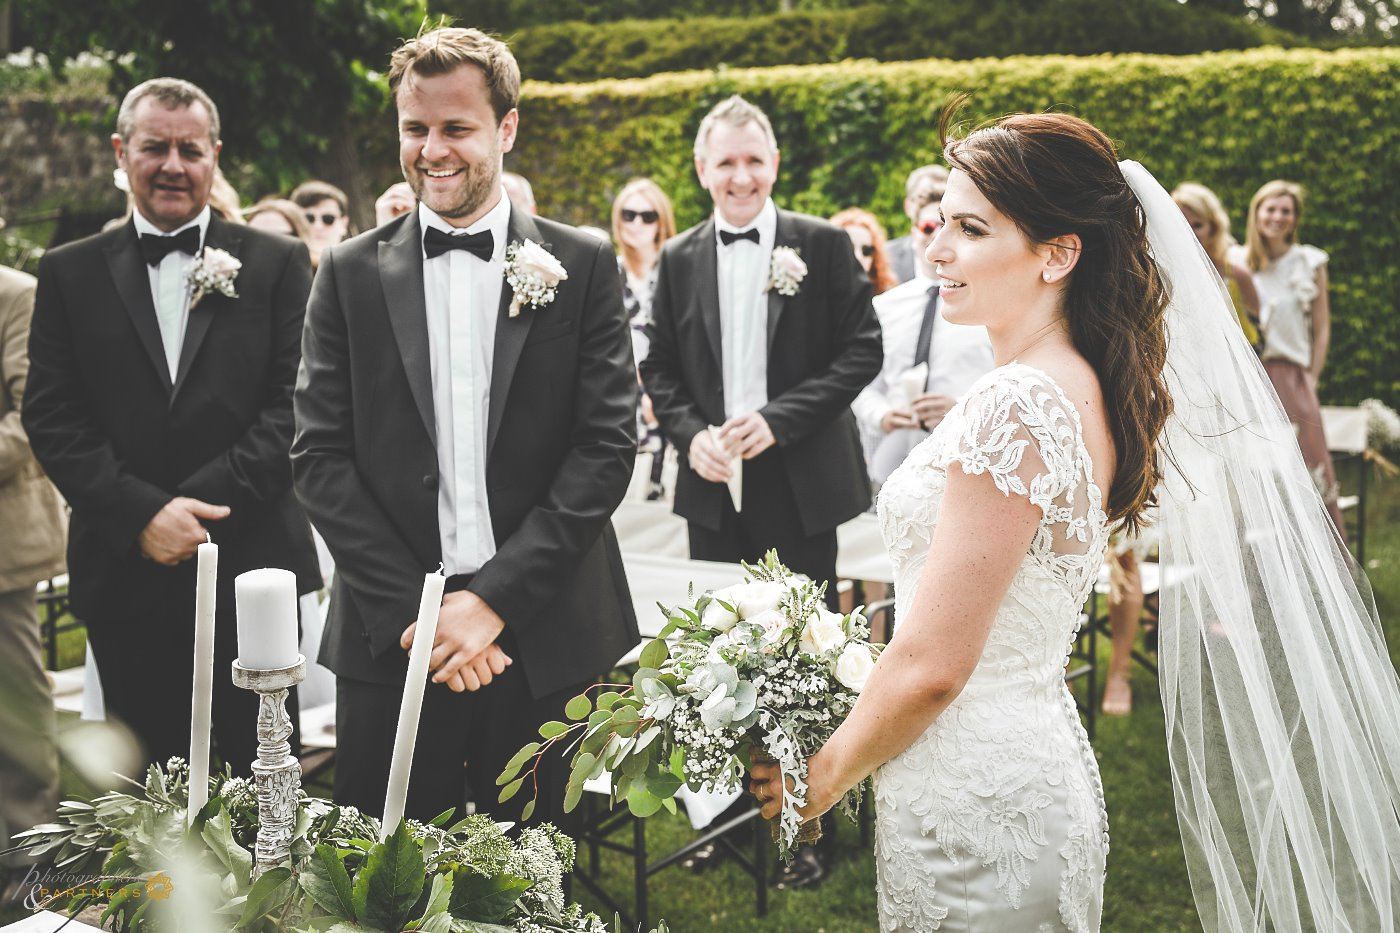 wedding_photos_borgo_castelvecchio_10.jpg